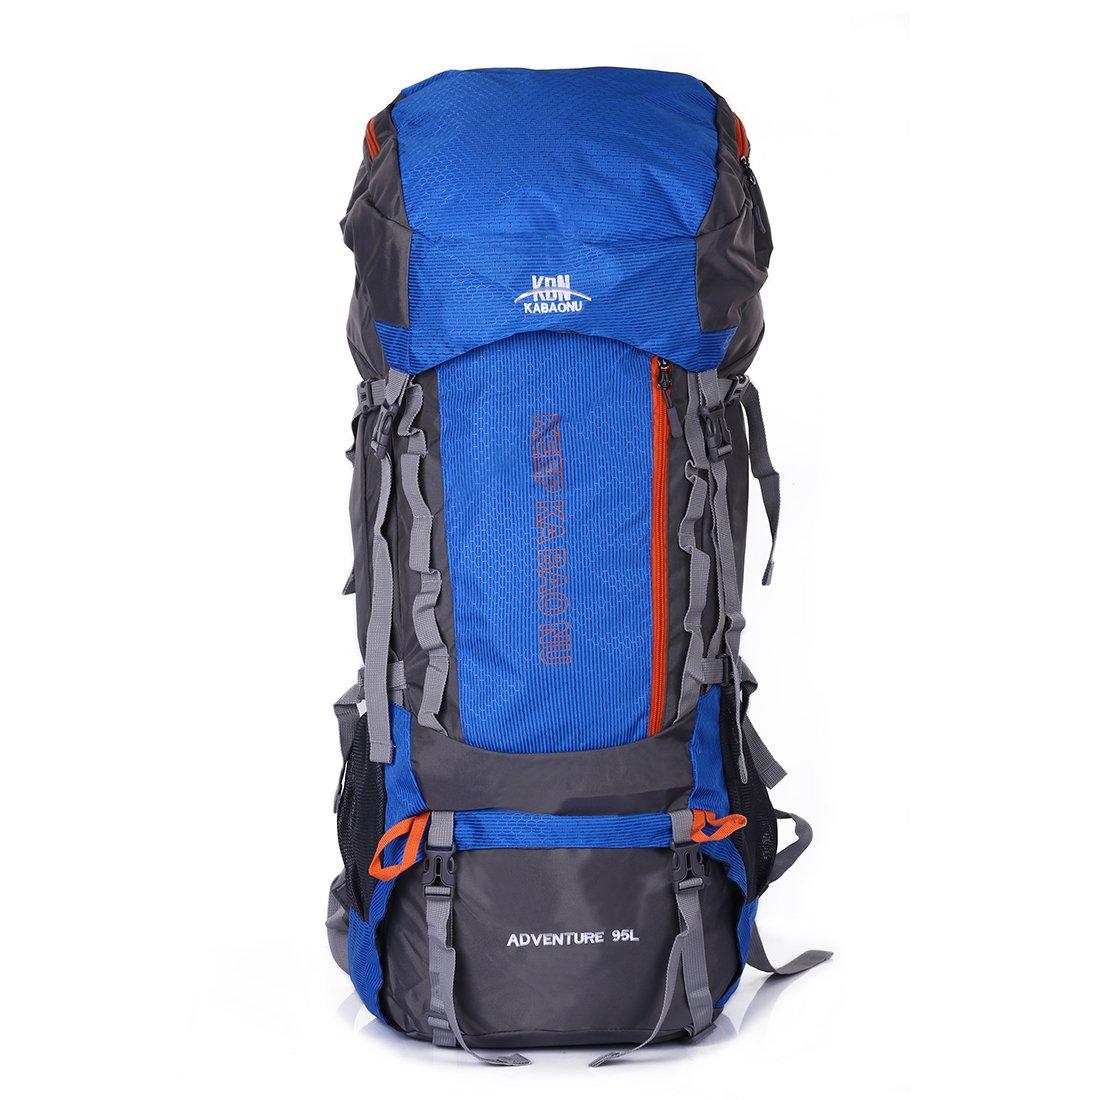 Mooedcoe 95L Mochila Trekking Senderismo Grande Mochila Montaña Hombre Impermeable de Viaje Acampada Excursionismo Alpinismo (Azul): Amazon.es: Deportes y aire libre